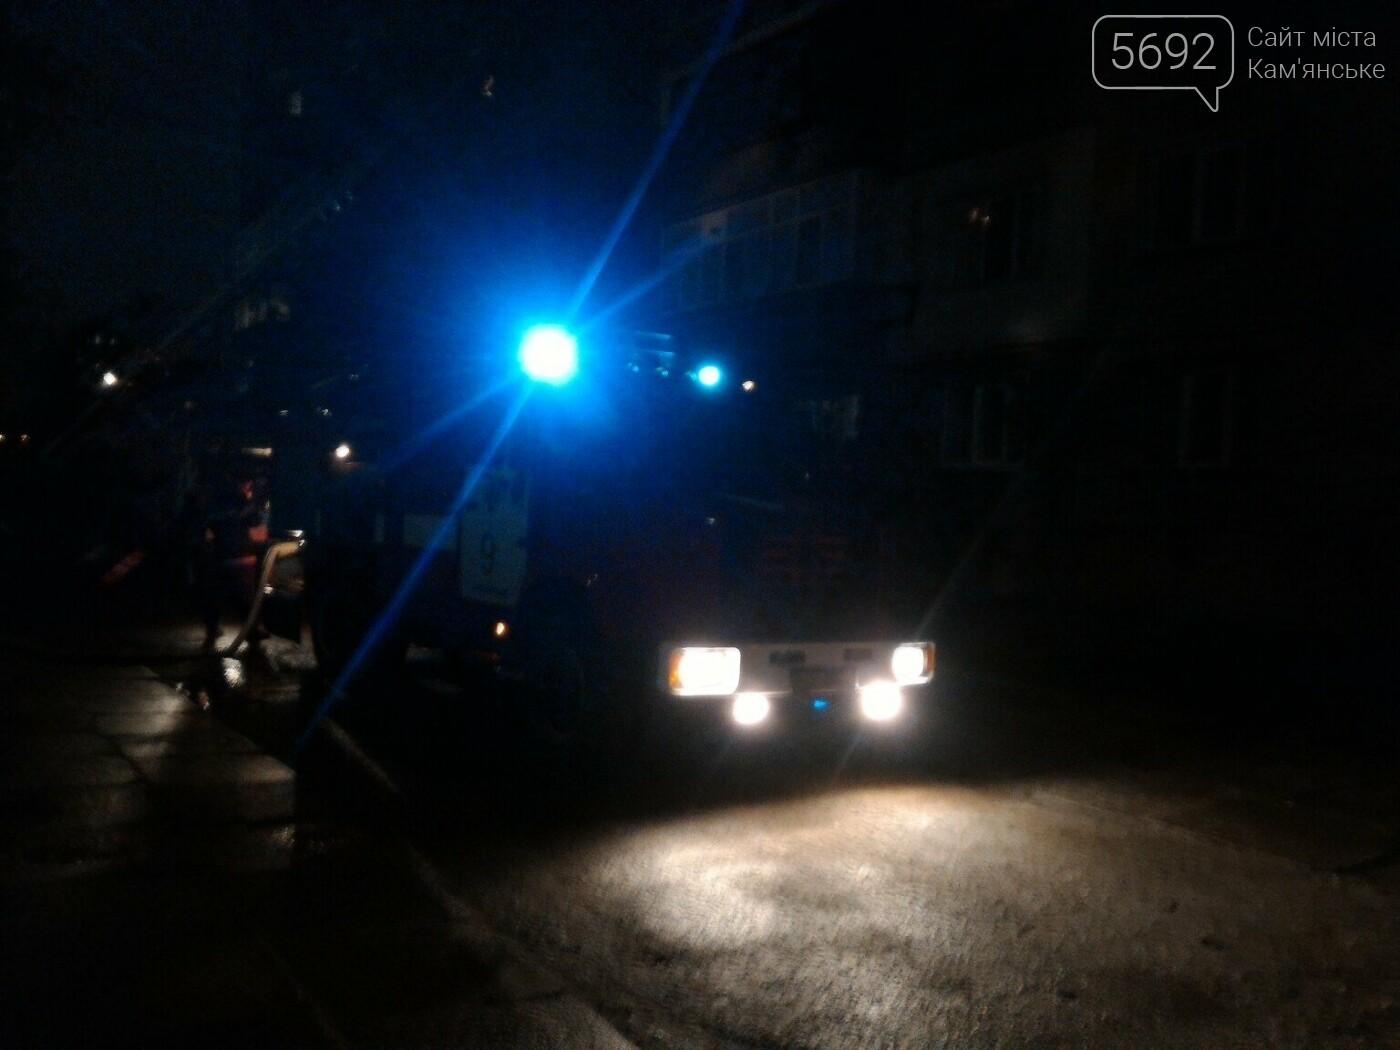 В Каменском из-за петарды едва не начался квартирный пожар, фото-3